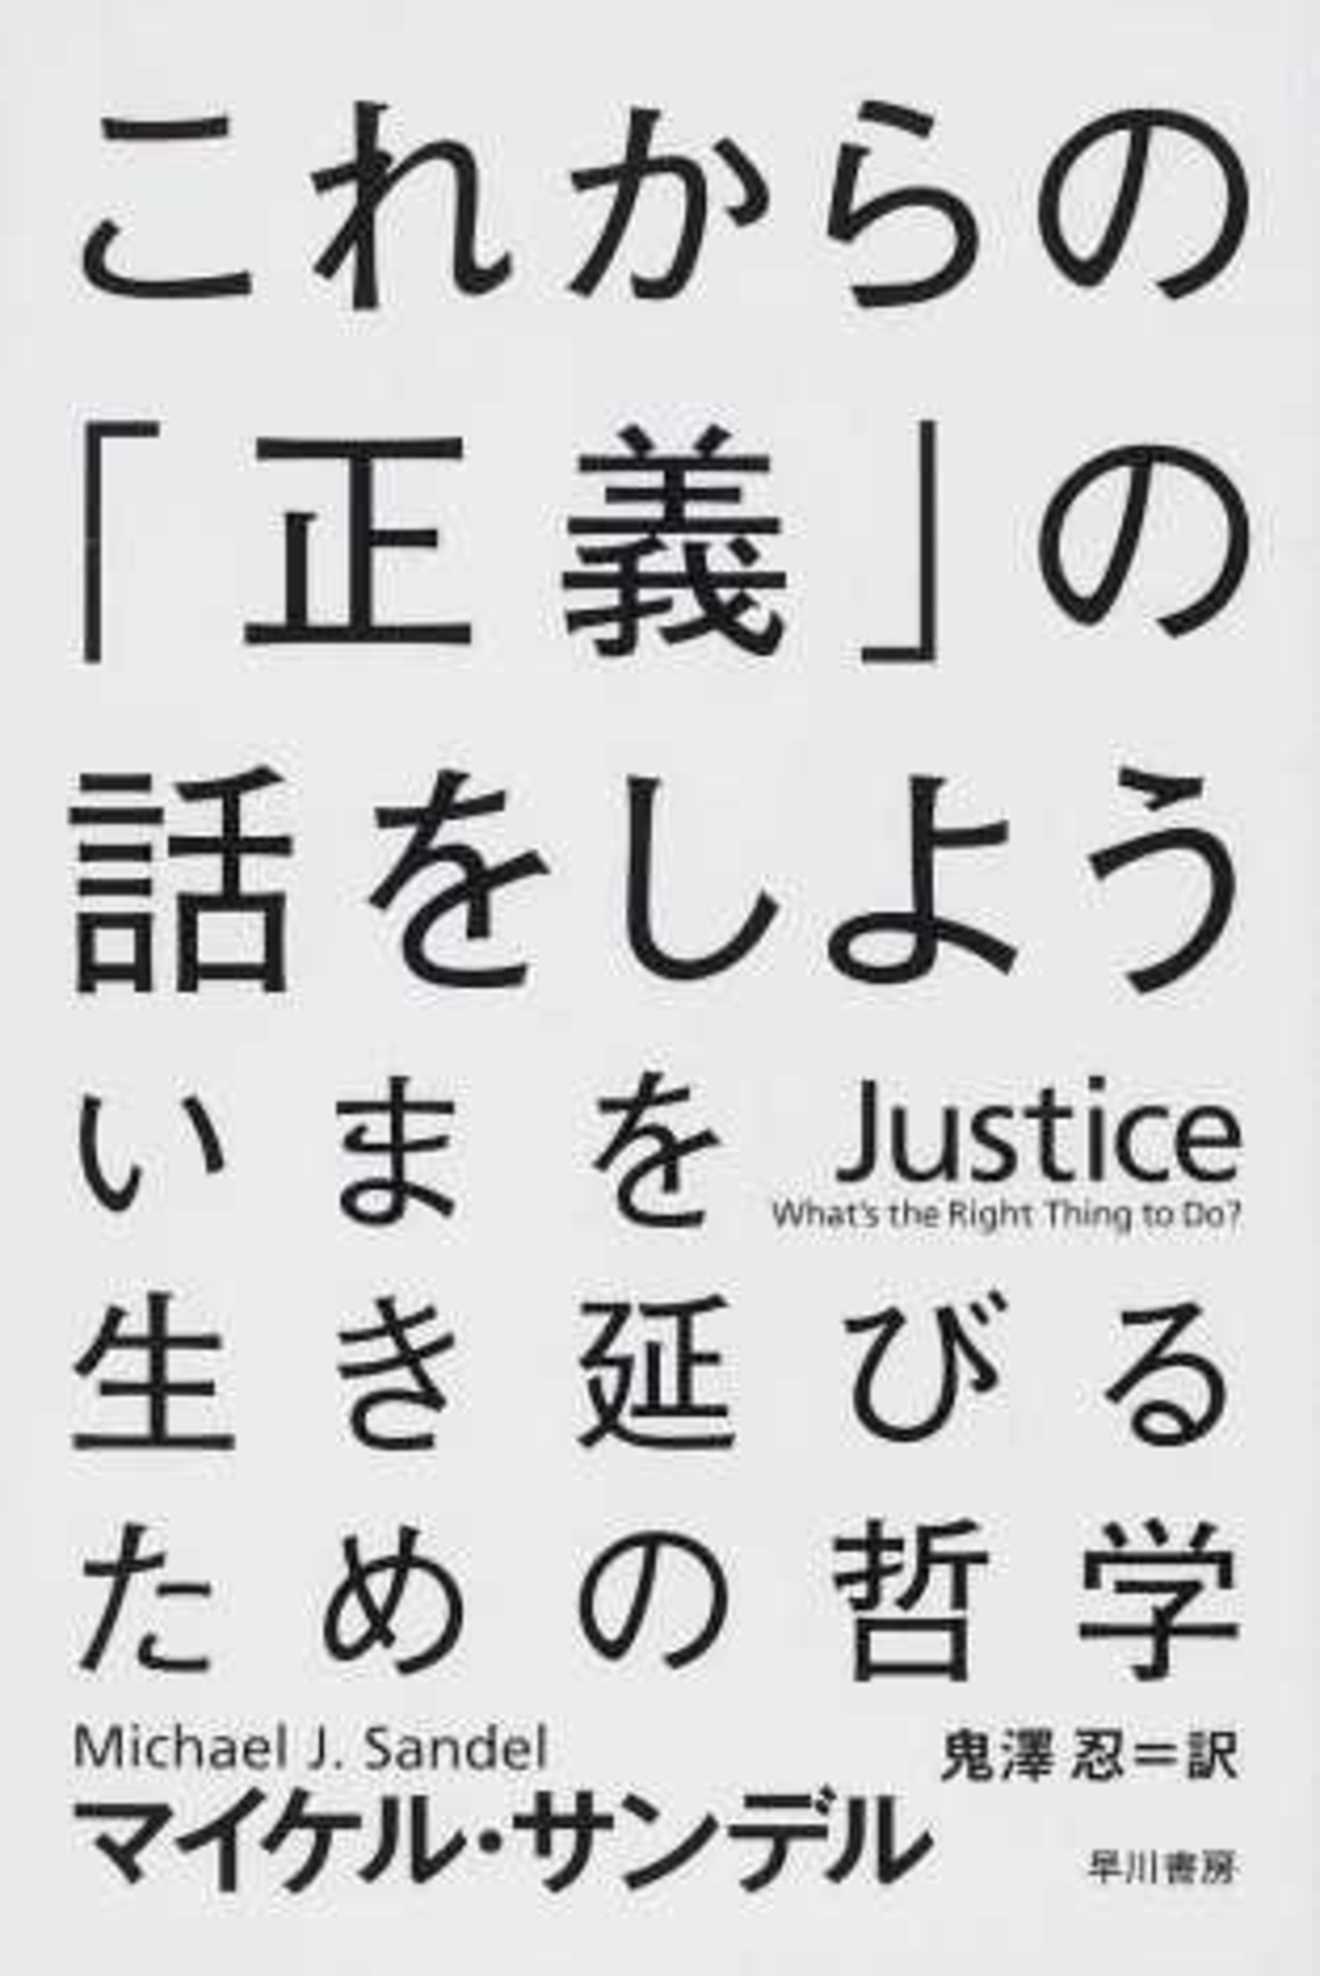 マイケル・サンデル「これからの正義の話をしよう」の内容!白熱教室を本で。